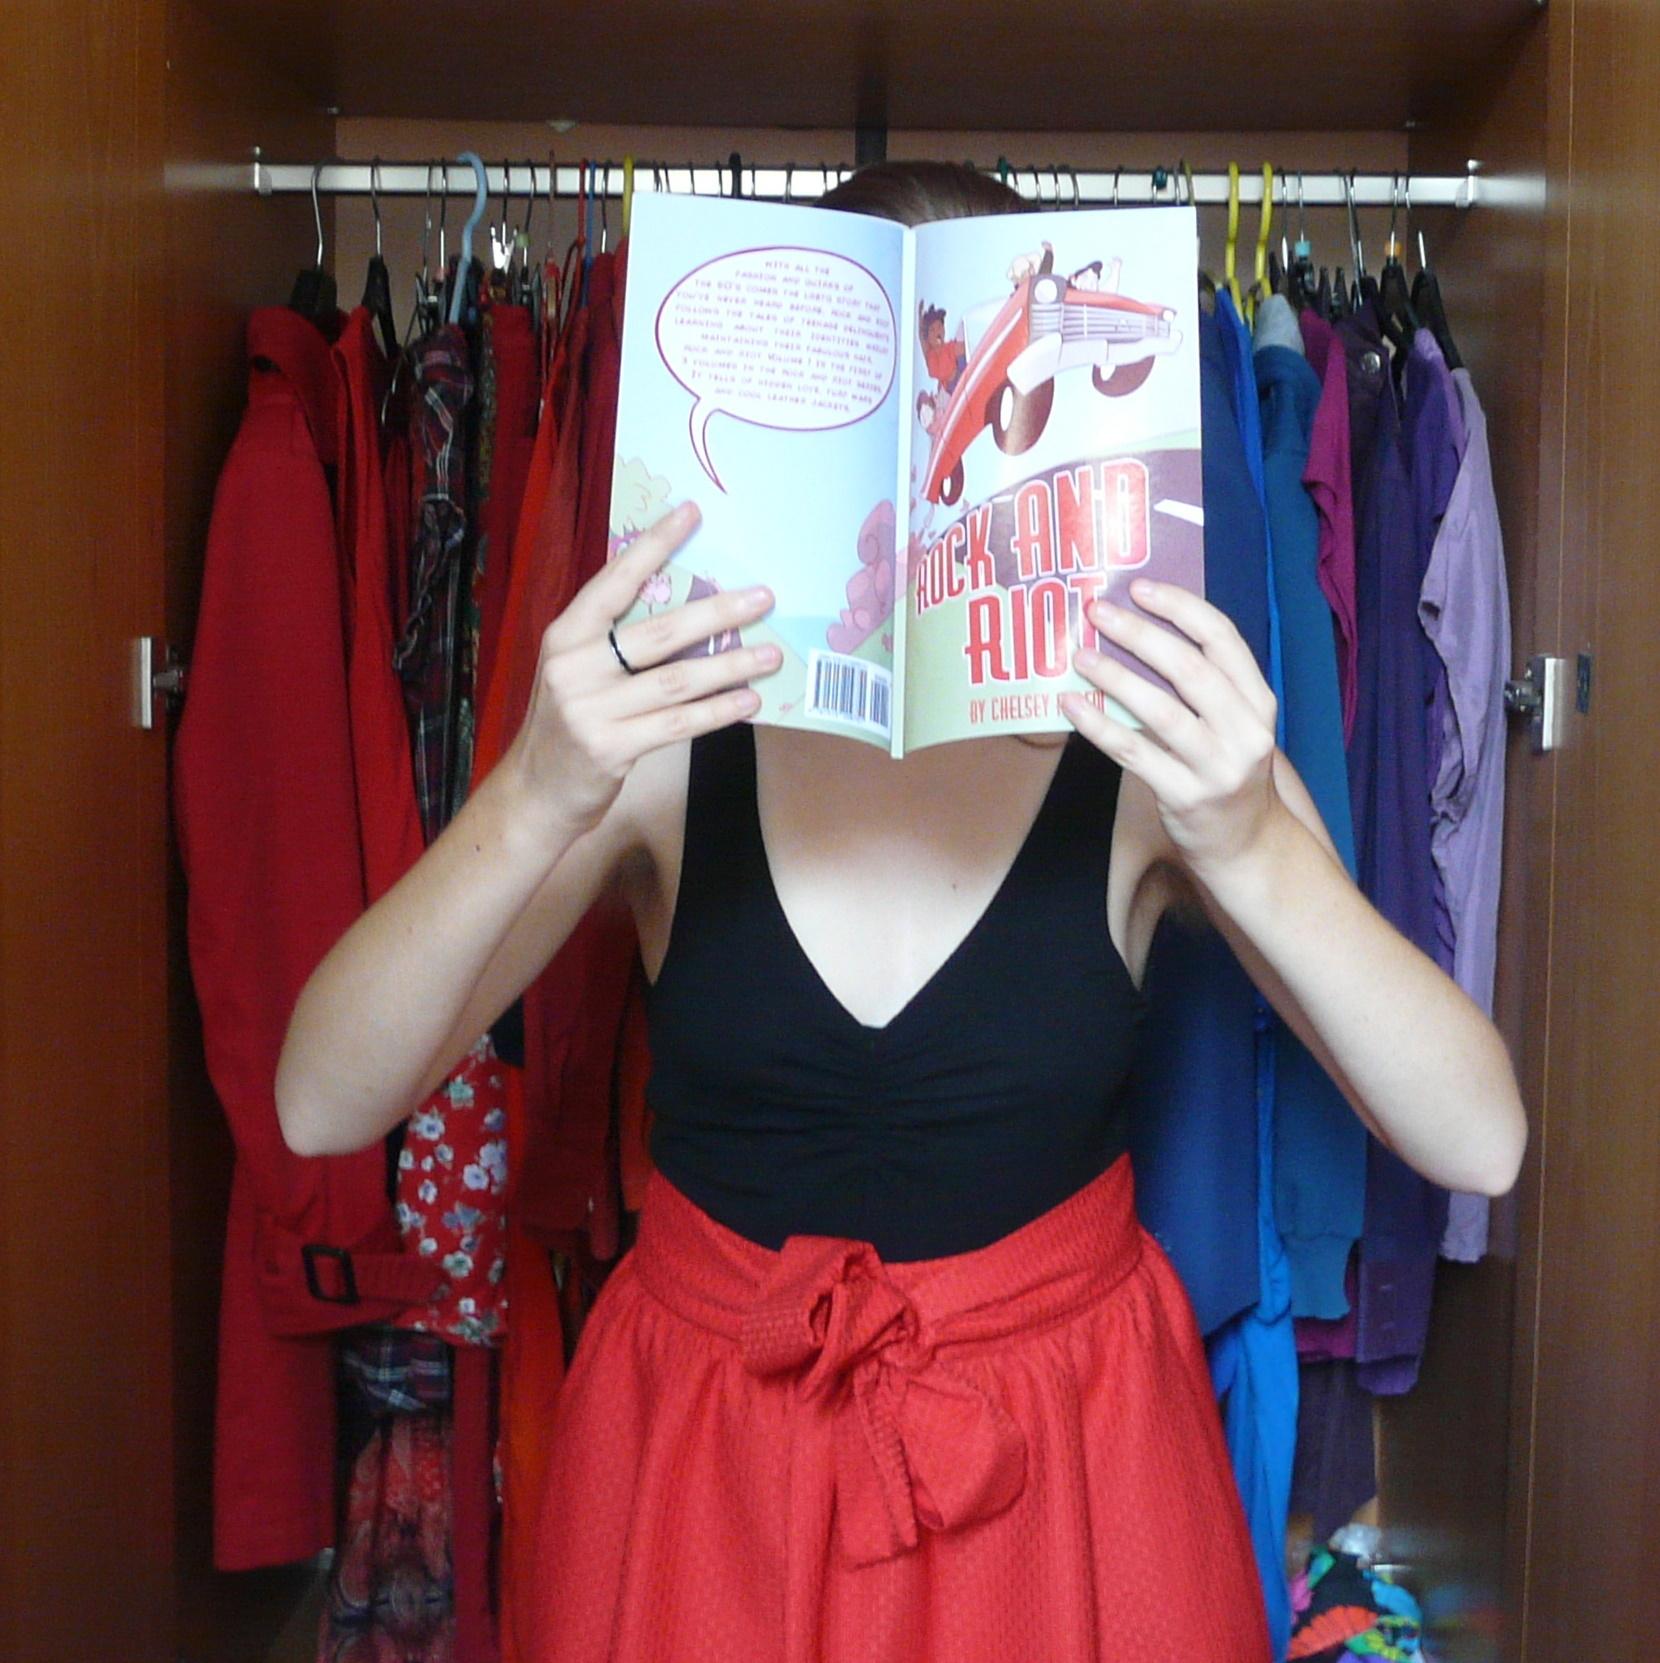 personne en tenue de danse rock rouge et noire lisant Rock and Riot devant un placard ouvert sur des vêtements arc-en-ciel